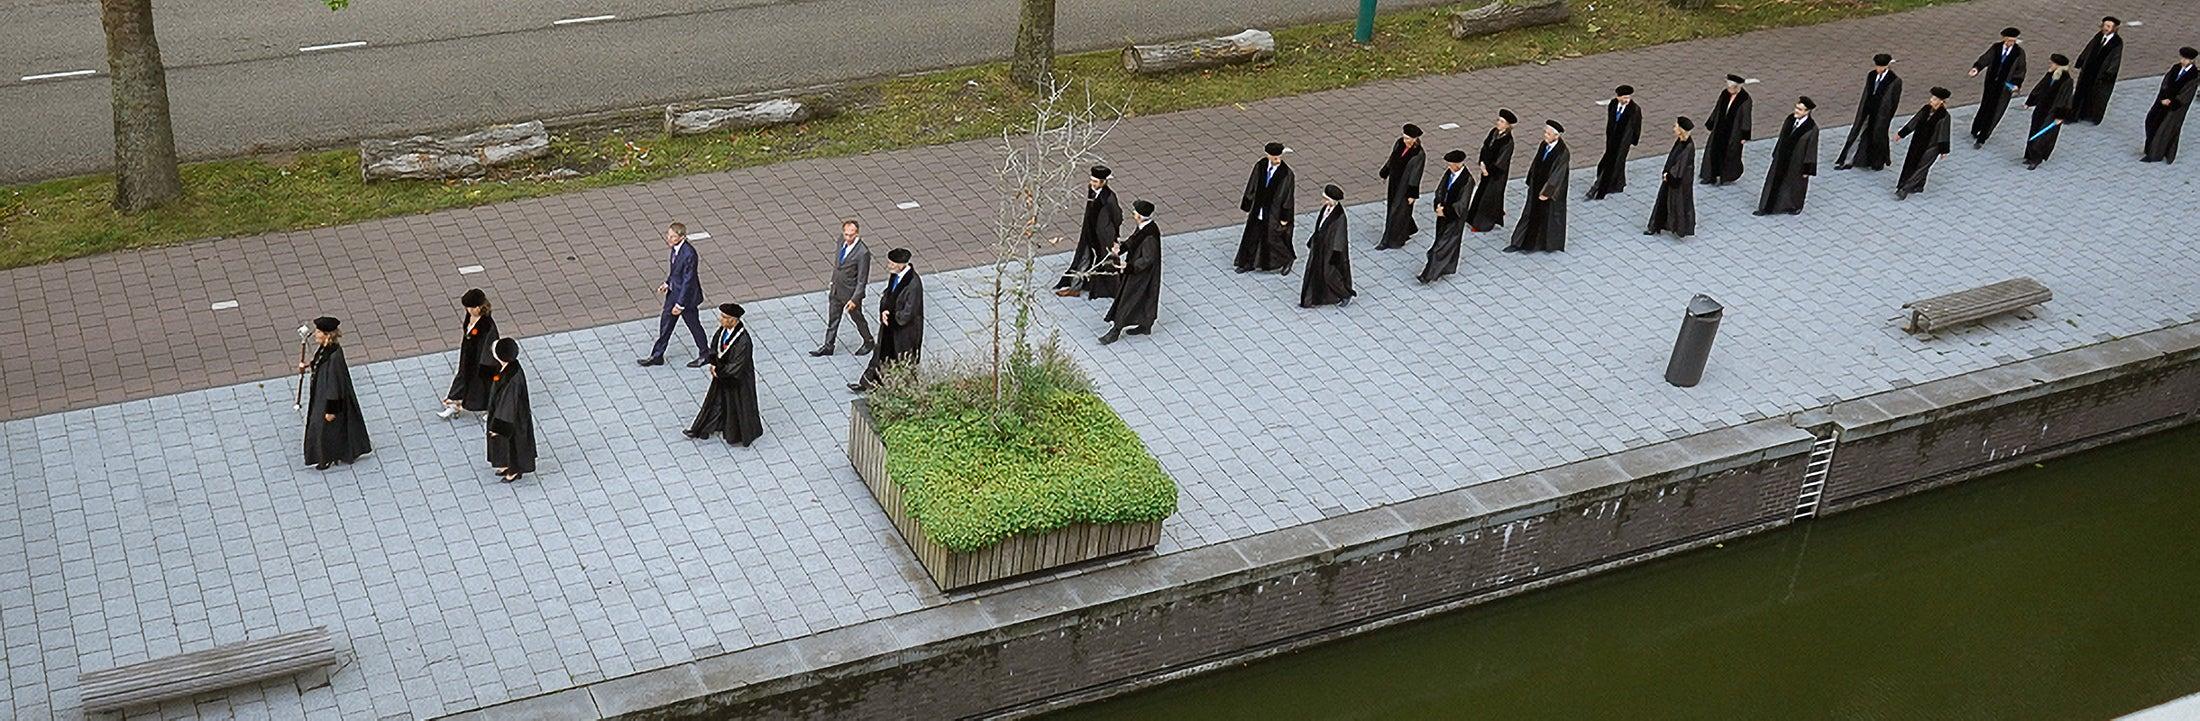 Vidi's lopen langs de VU, in het zwart gekleed